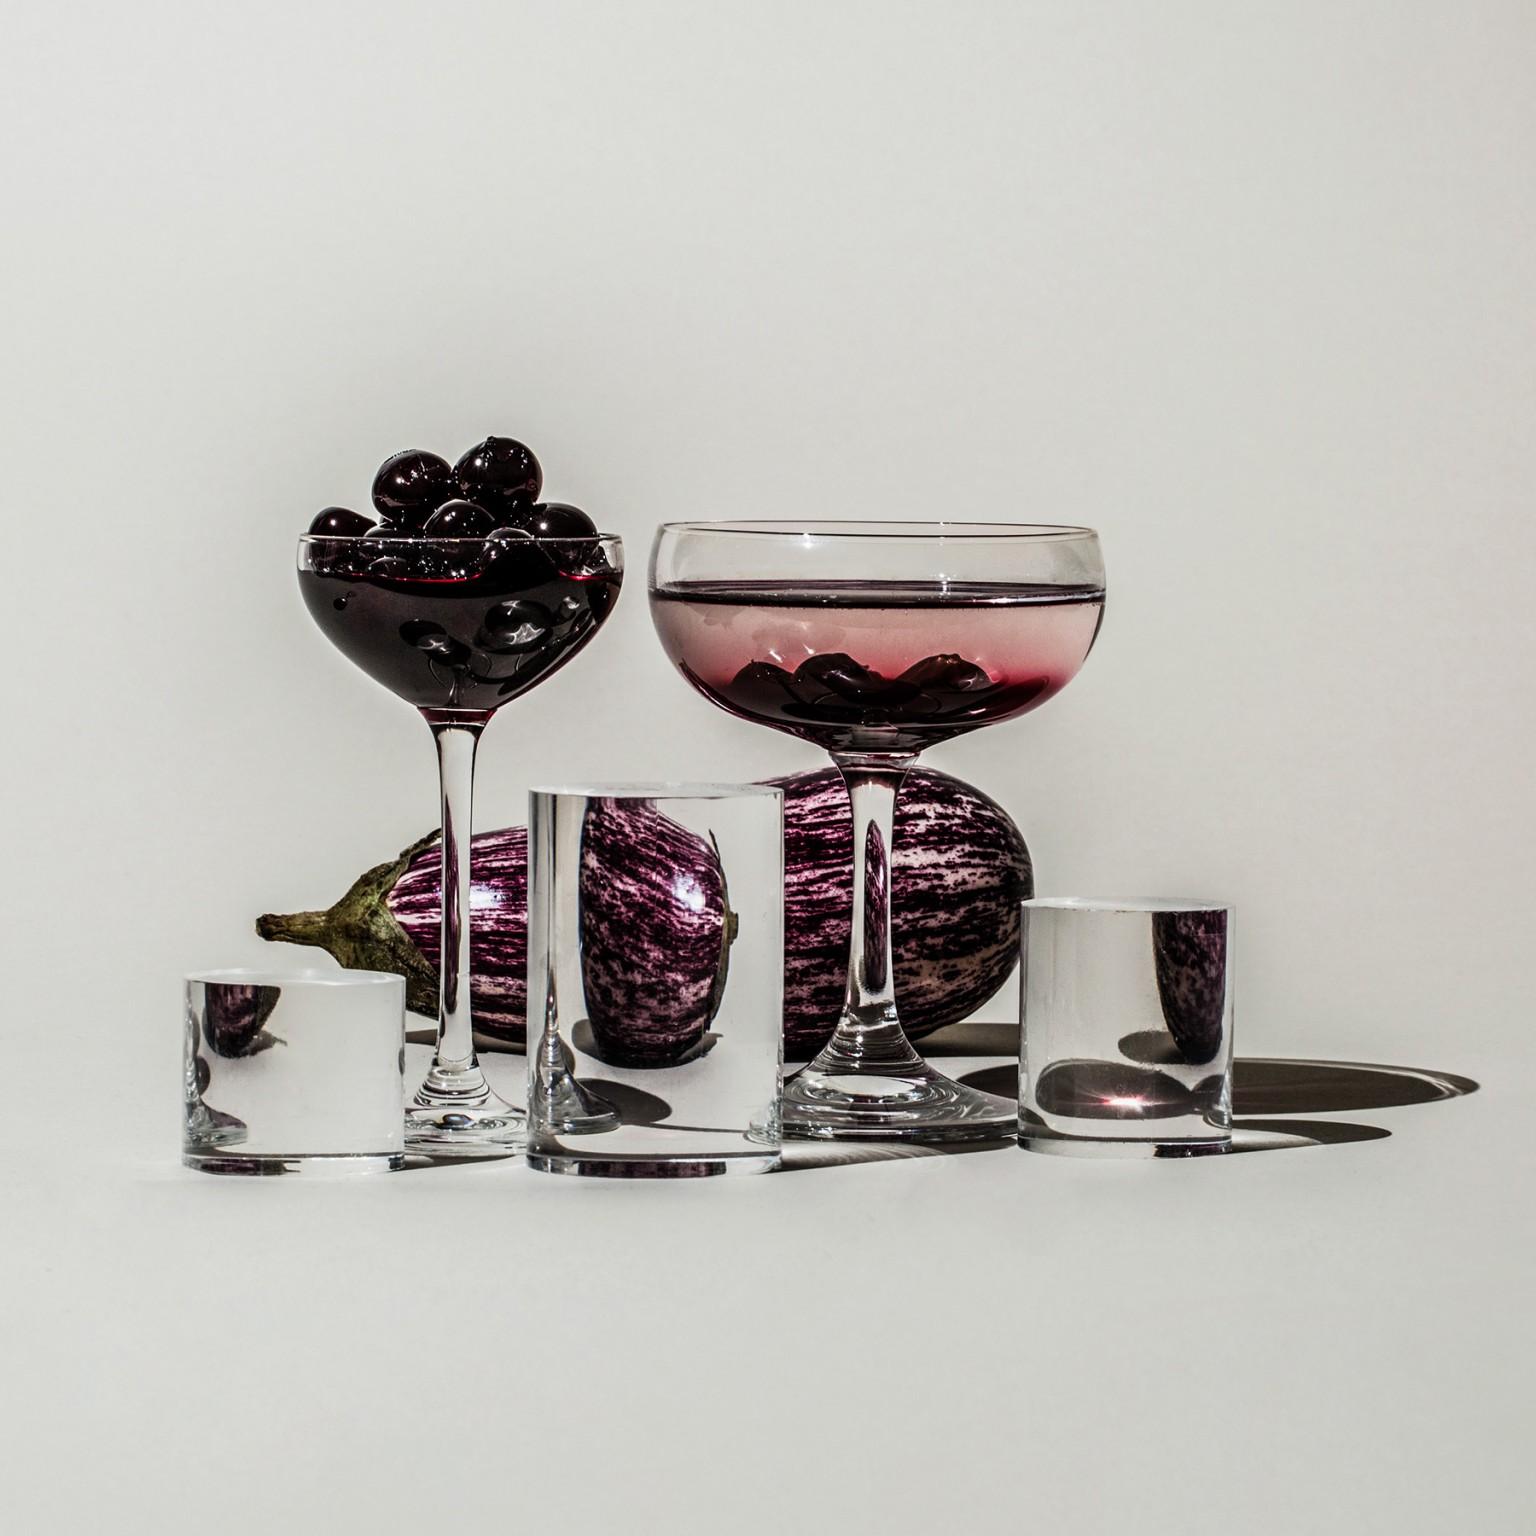 Perspective, le fotografie distorte di Suzanne Saroff   Collater.al 2